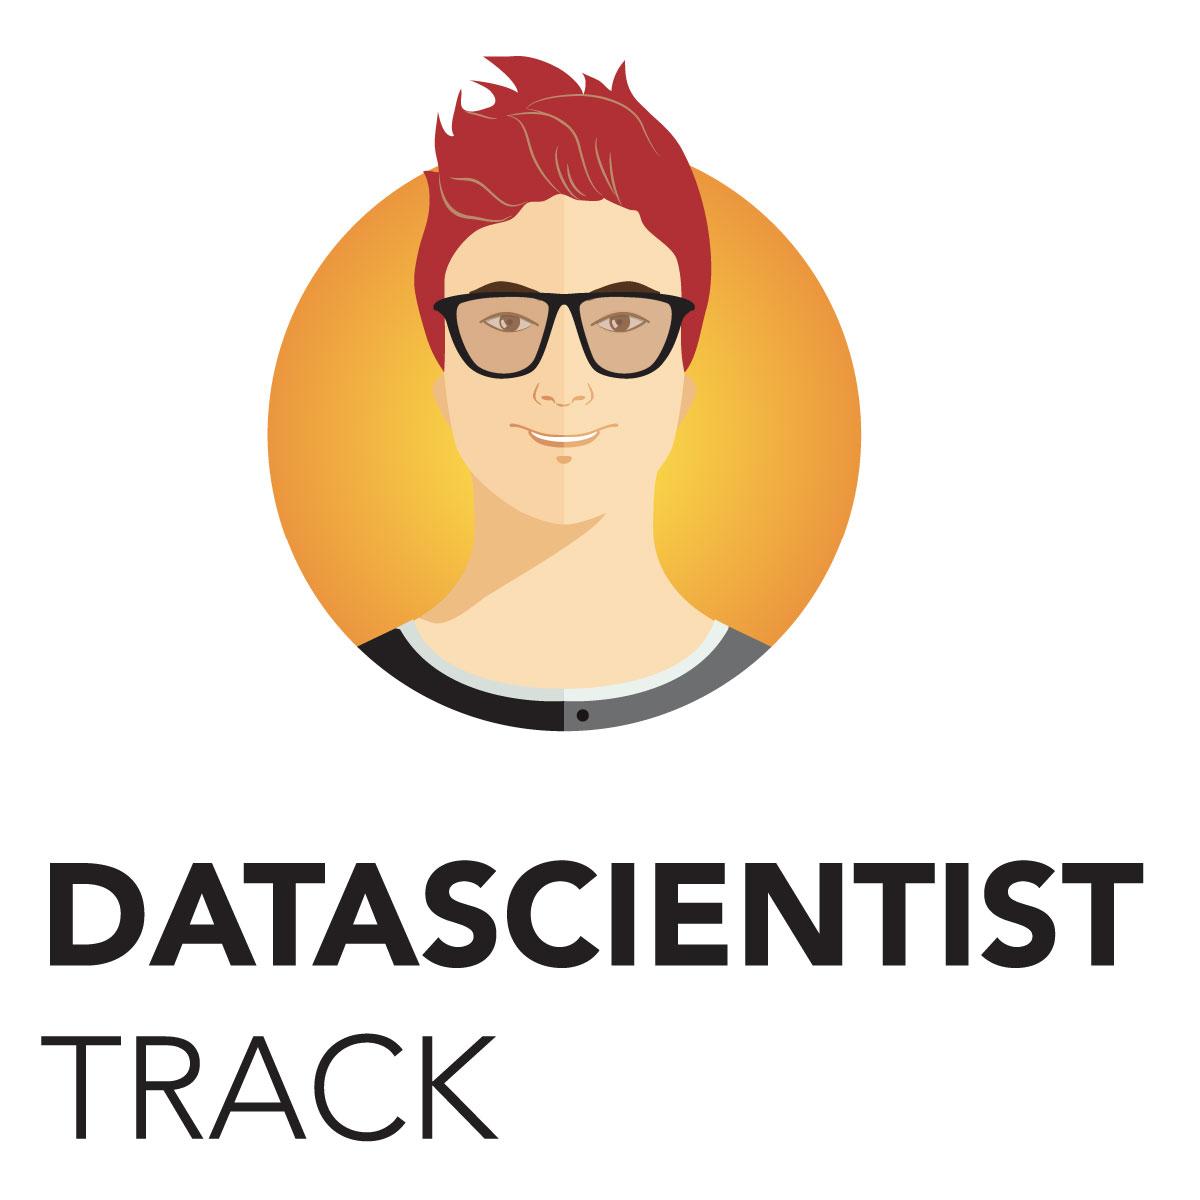 DataScientist Track